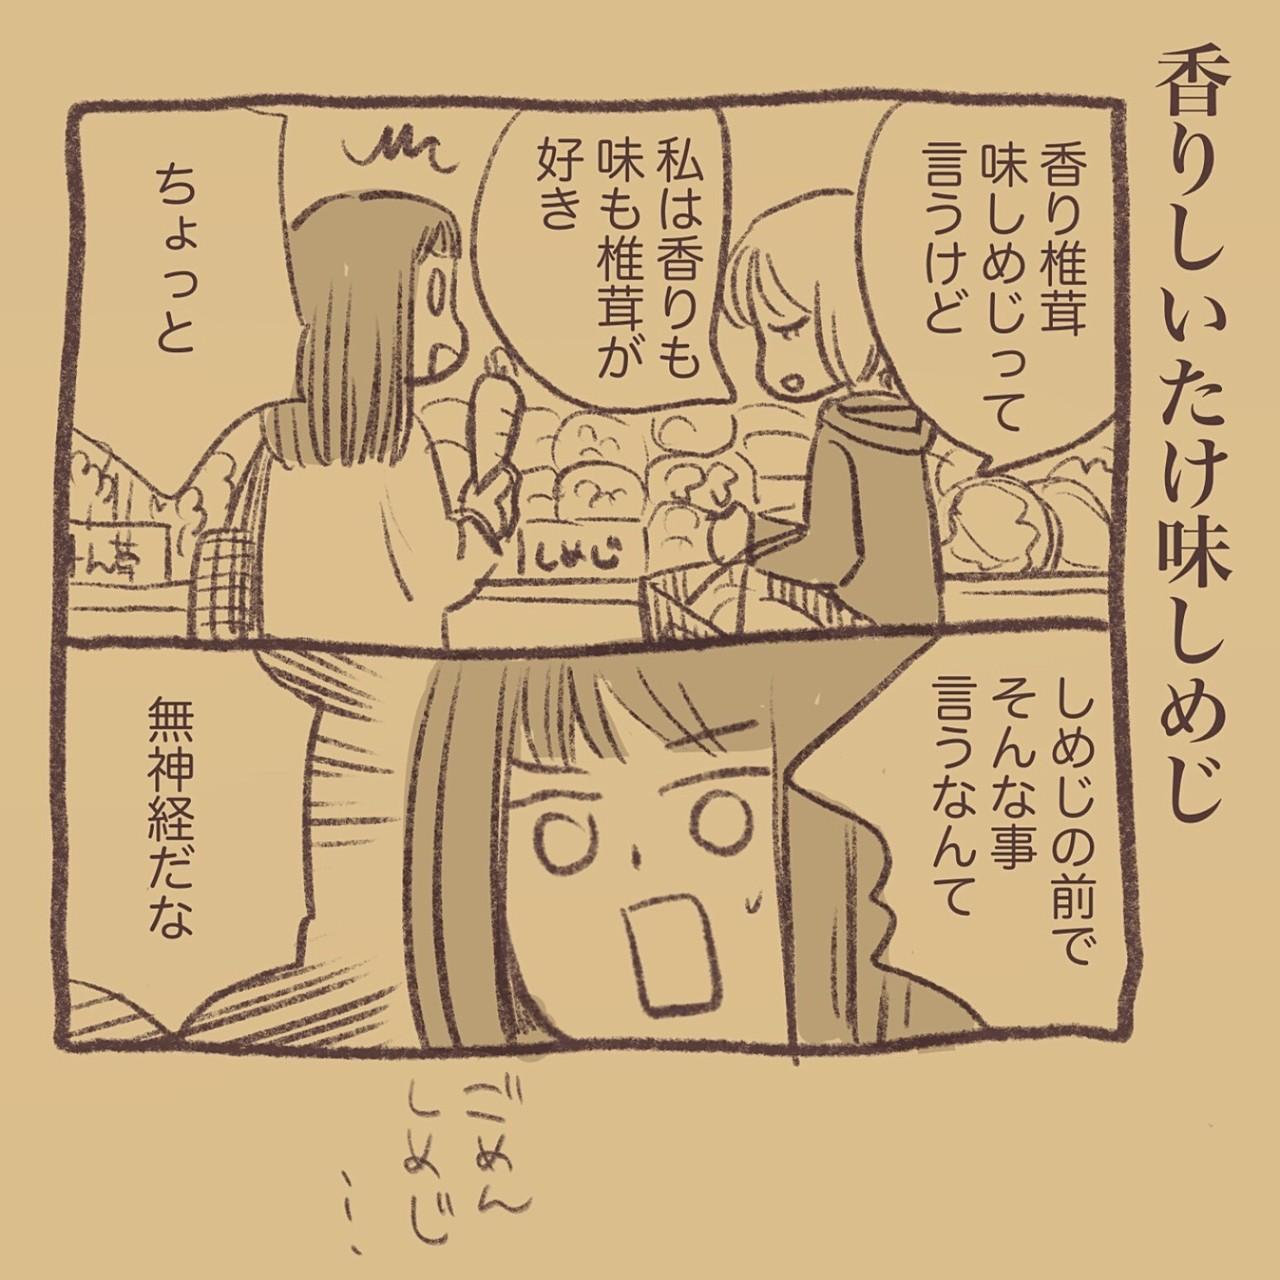 検索したら「香り松茸」の方がたくさん出てきたけれど…松茸ってお吸い物しか食べたこと無いし高価だからやっぱりしいたけかな。